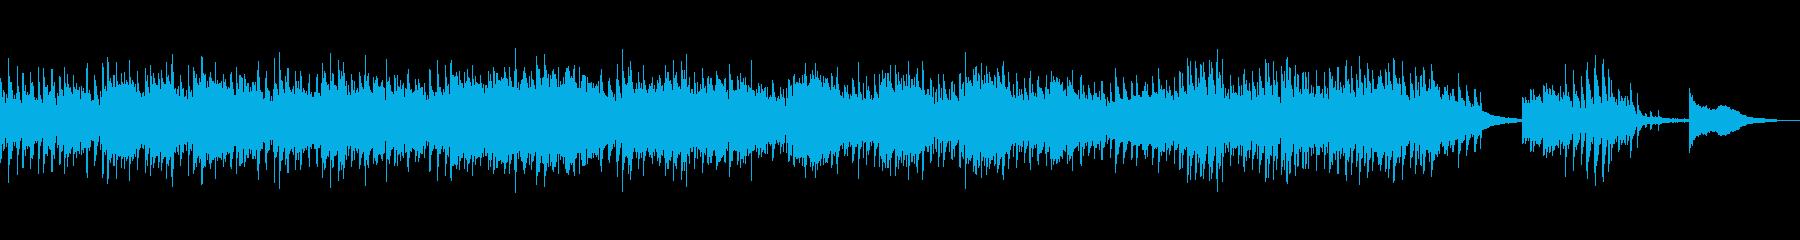 爽やか切ないクラシック調感動癒しピアノの再生済みの波形